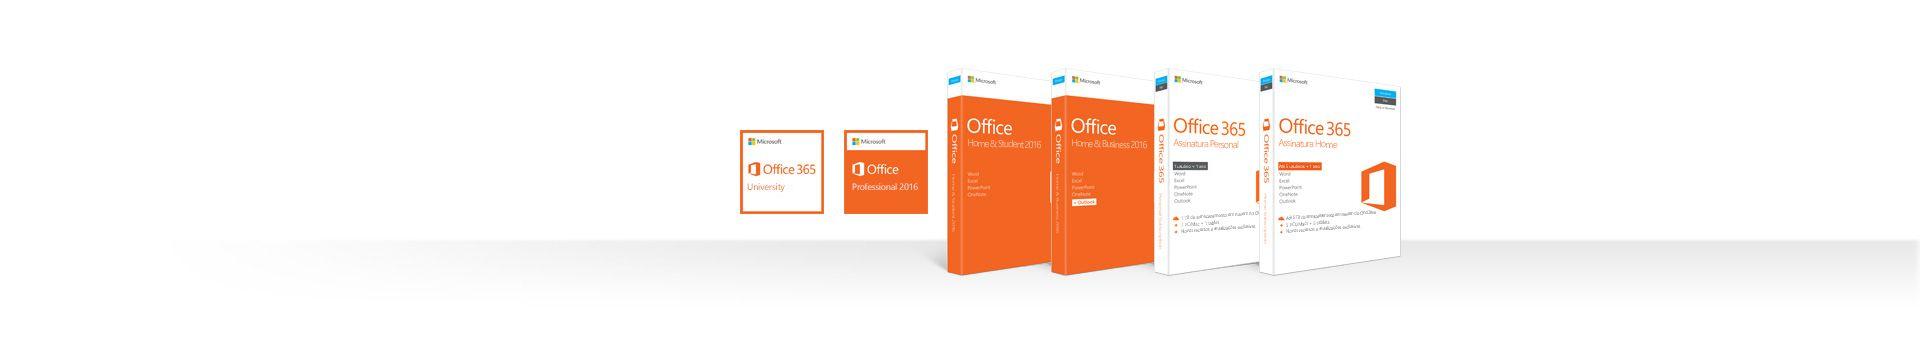 Fileira de caixas representando a assinatura do Office e os produtos independentes para PC